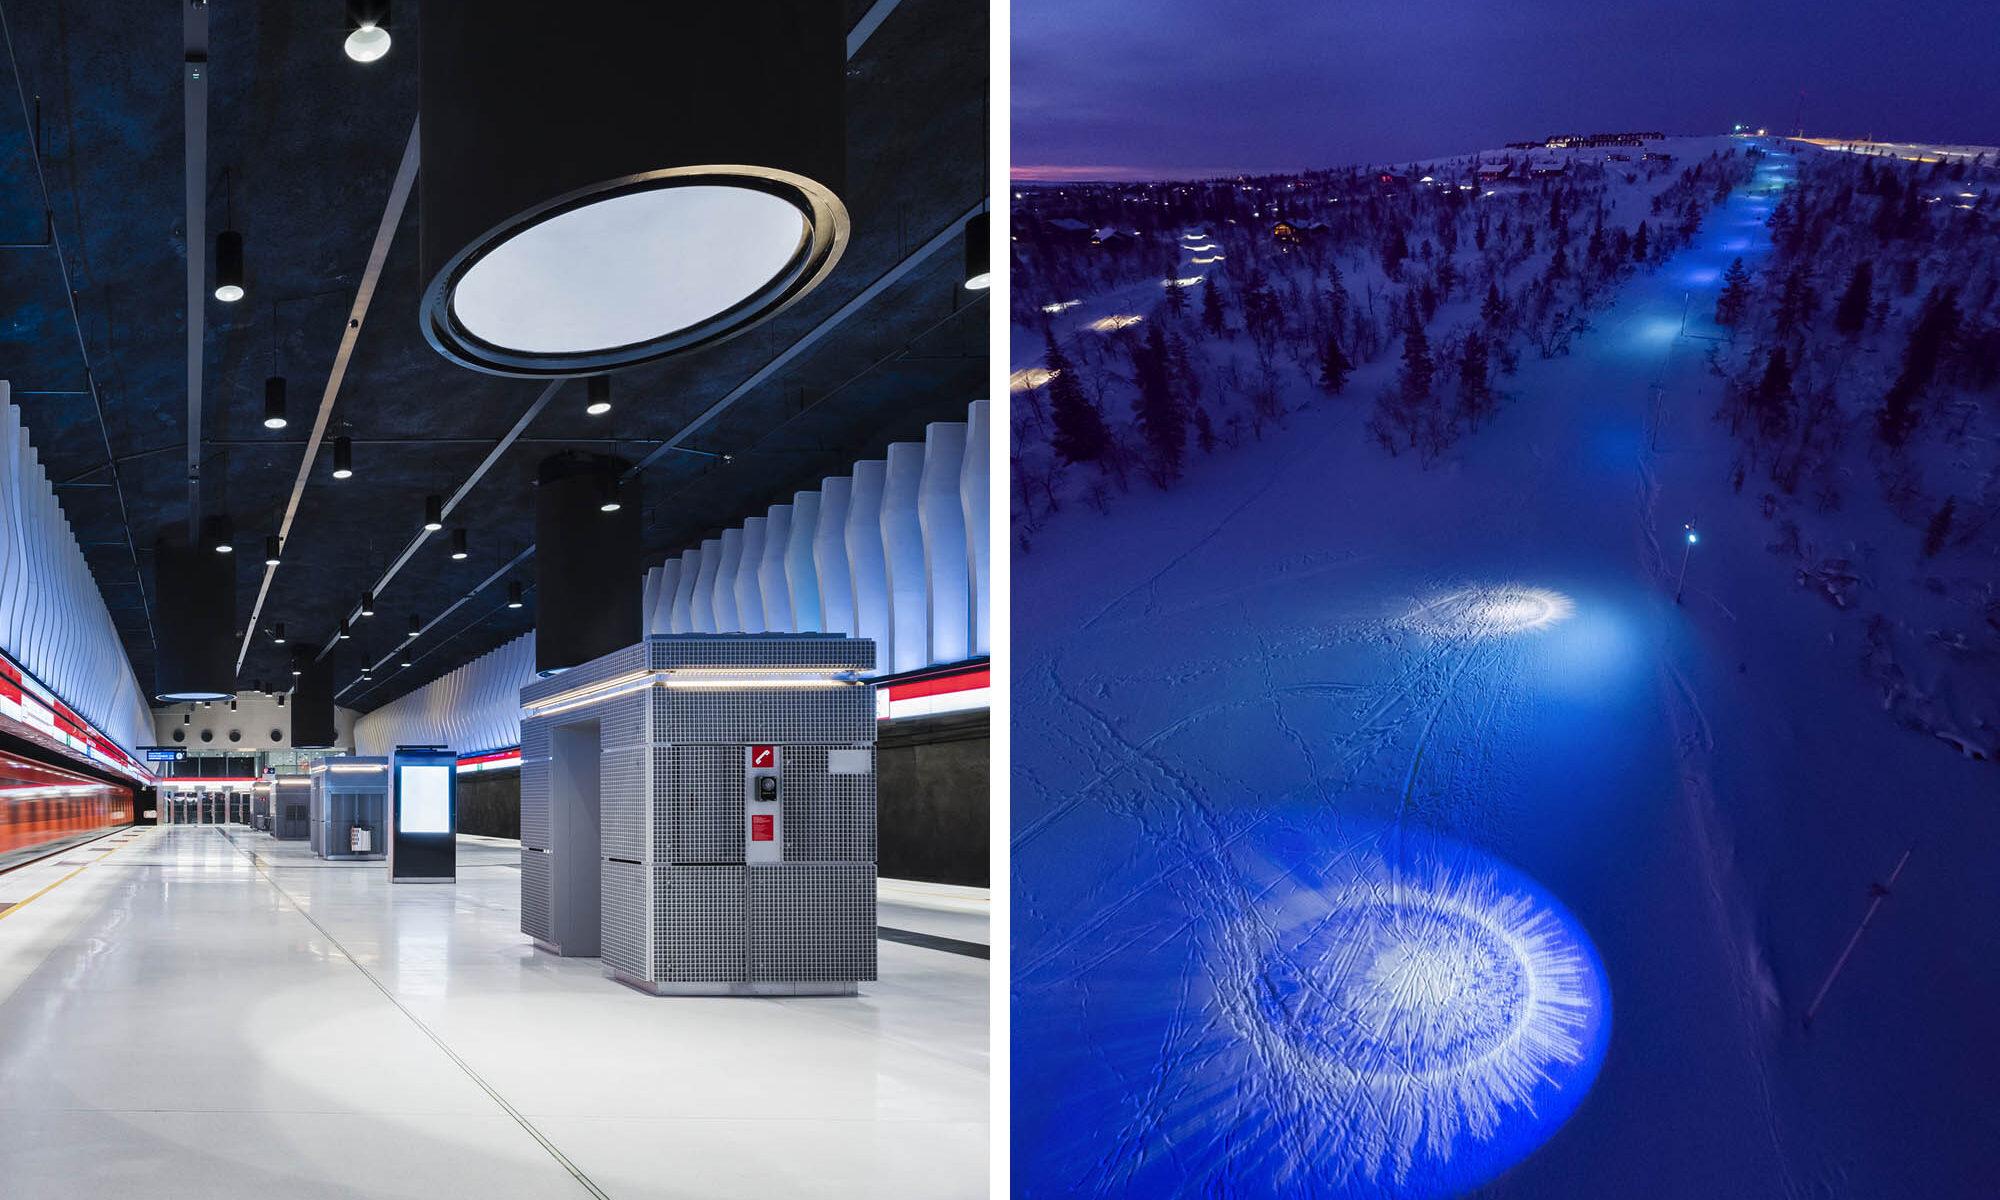 Vuoden valaistuskohde 2019: Länsimetro ja Aurora Experience